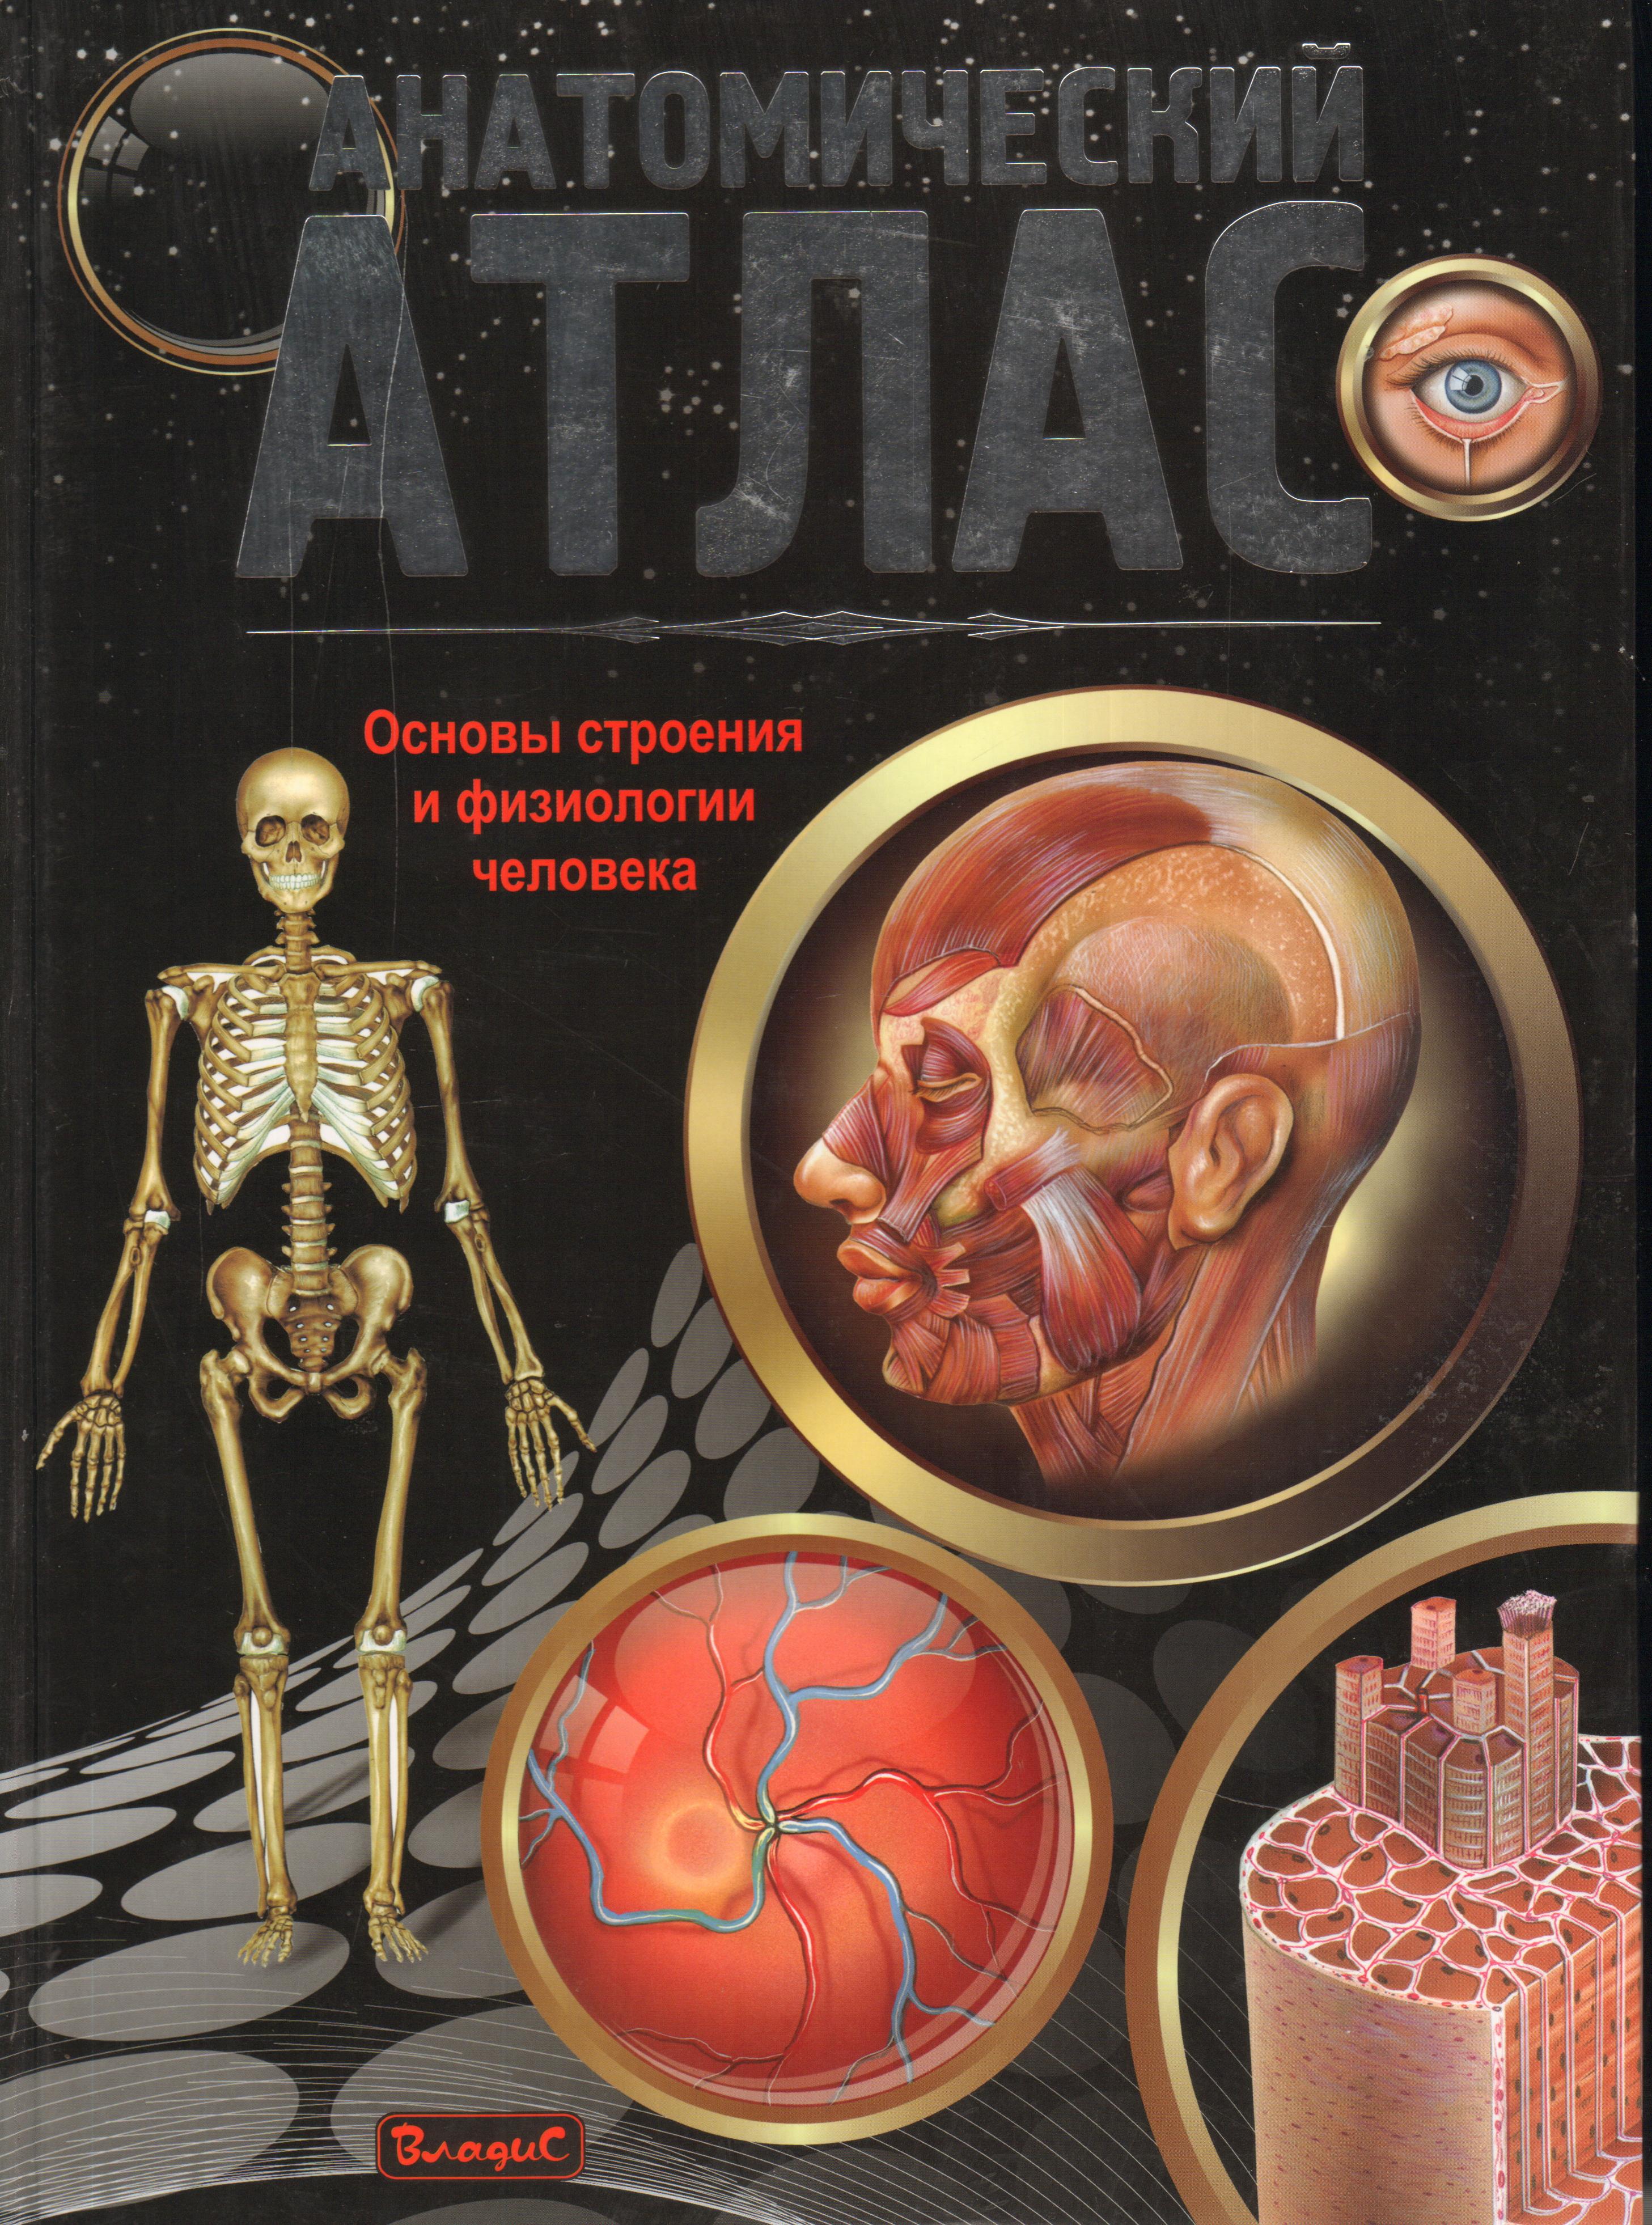 Анатомический атлас. Основы строения и физиологии